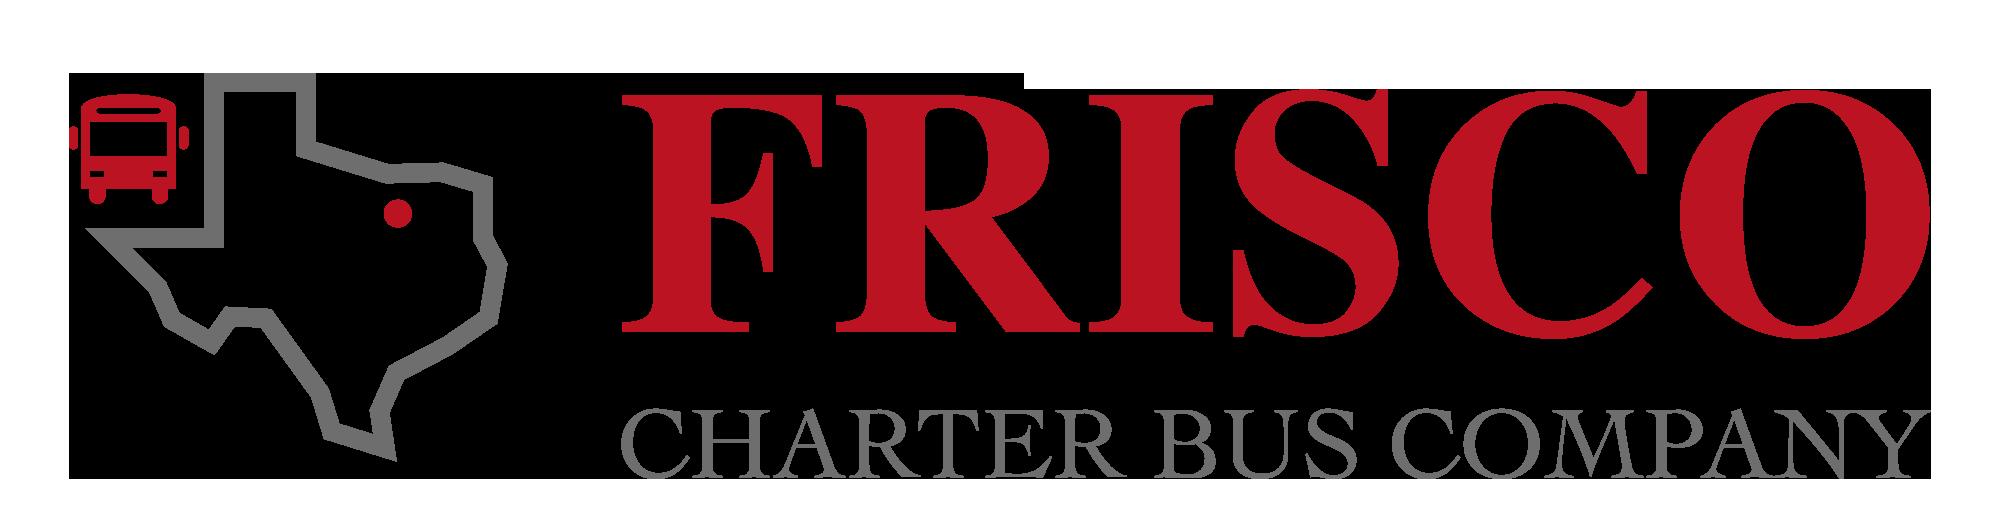 Frisco charter bus